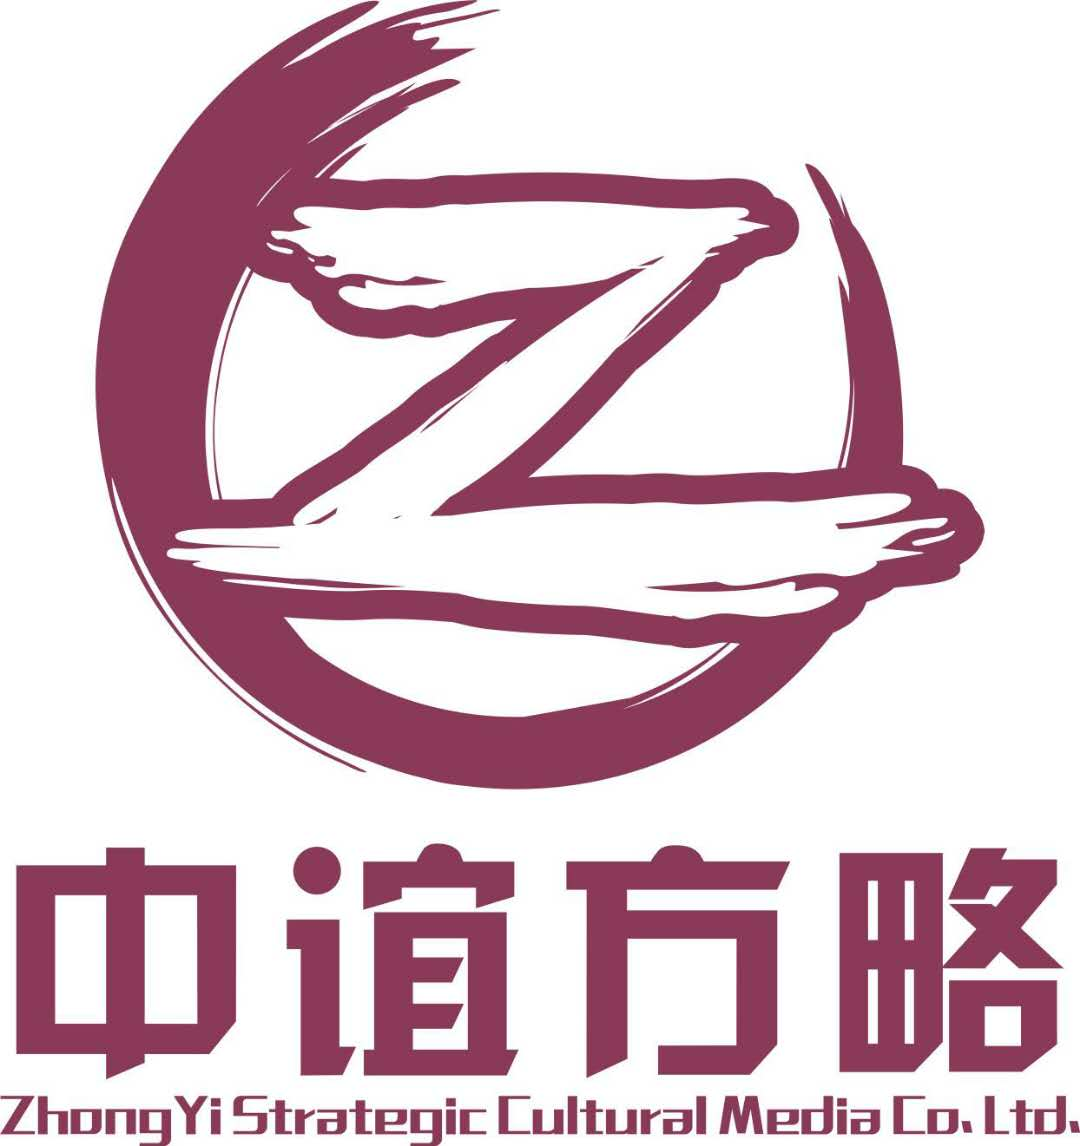 海南中谊方略文化传媒有限公司